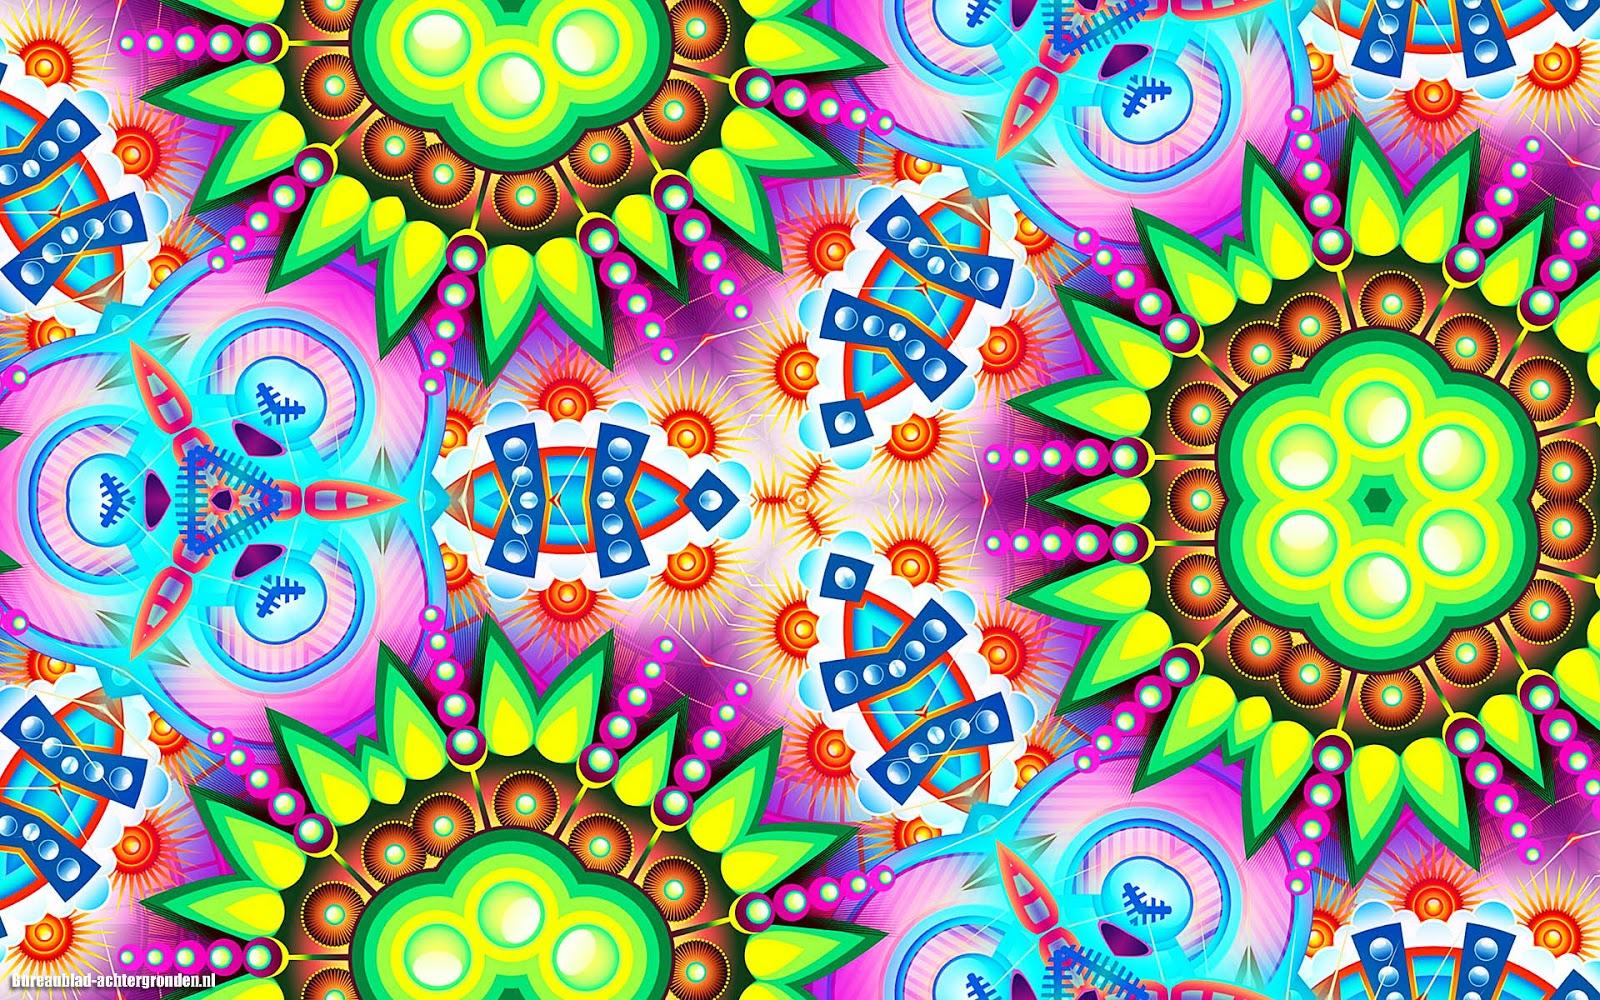 Hd Wallpapers For Windows 7 Download Kleurrijke Bureaublad Achtergrond Met Abstracte Kunst